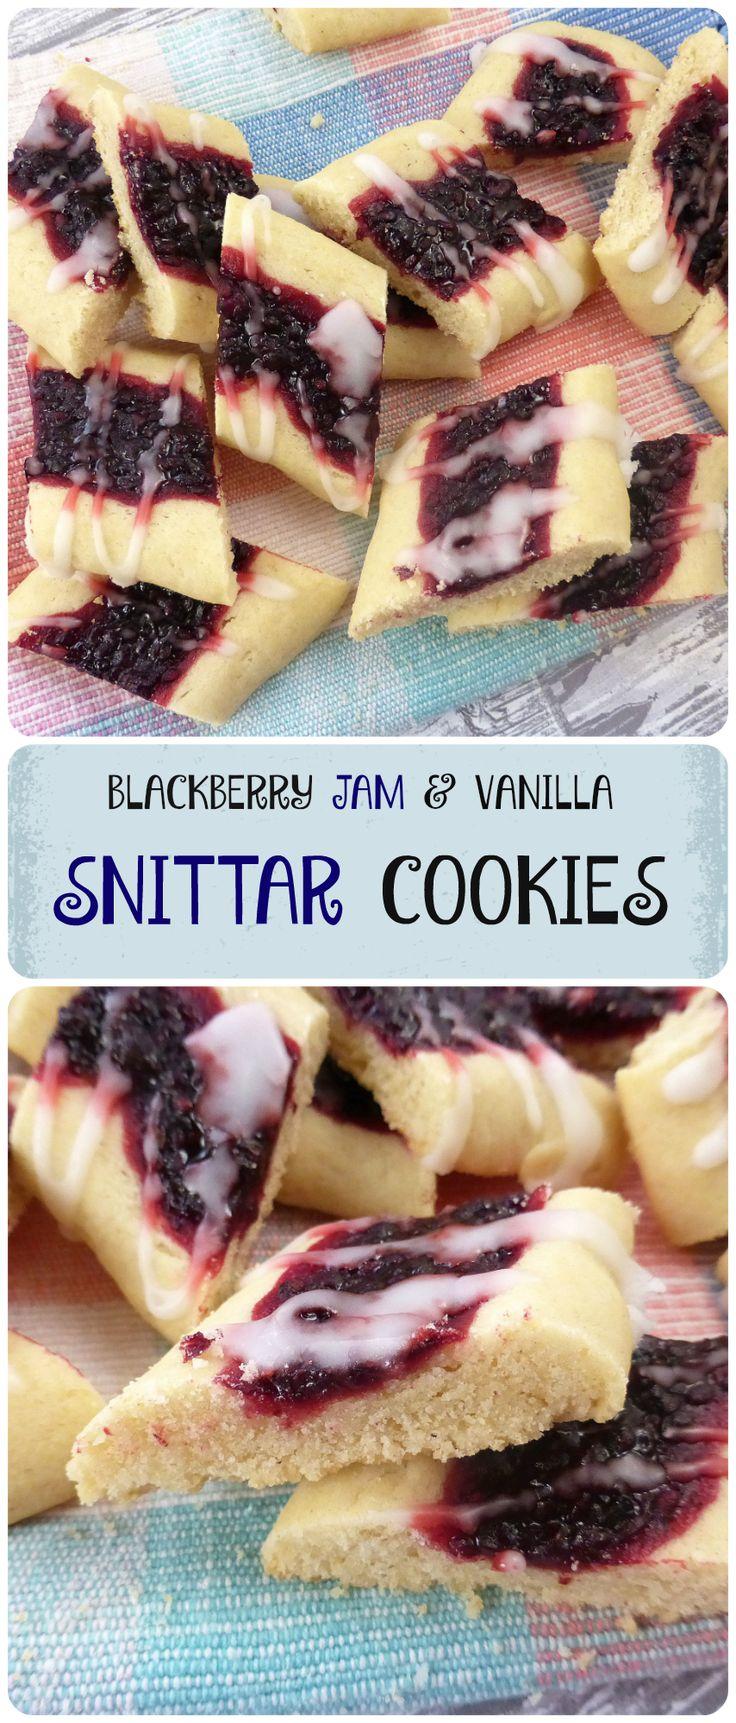 Swedish Cookies: Homemade Blackberry Jam and Vanilla Snittar